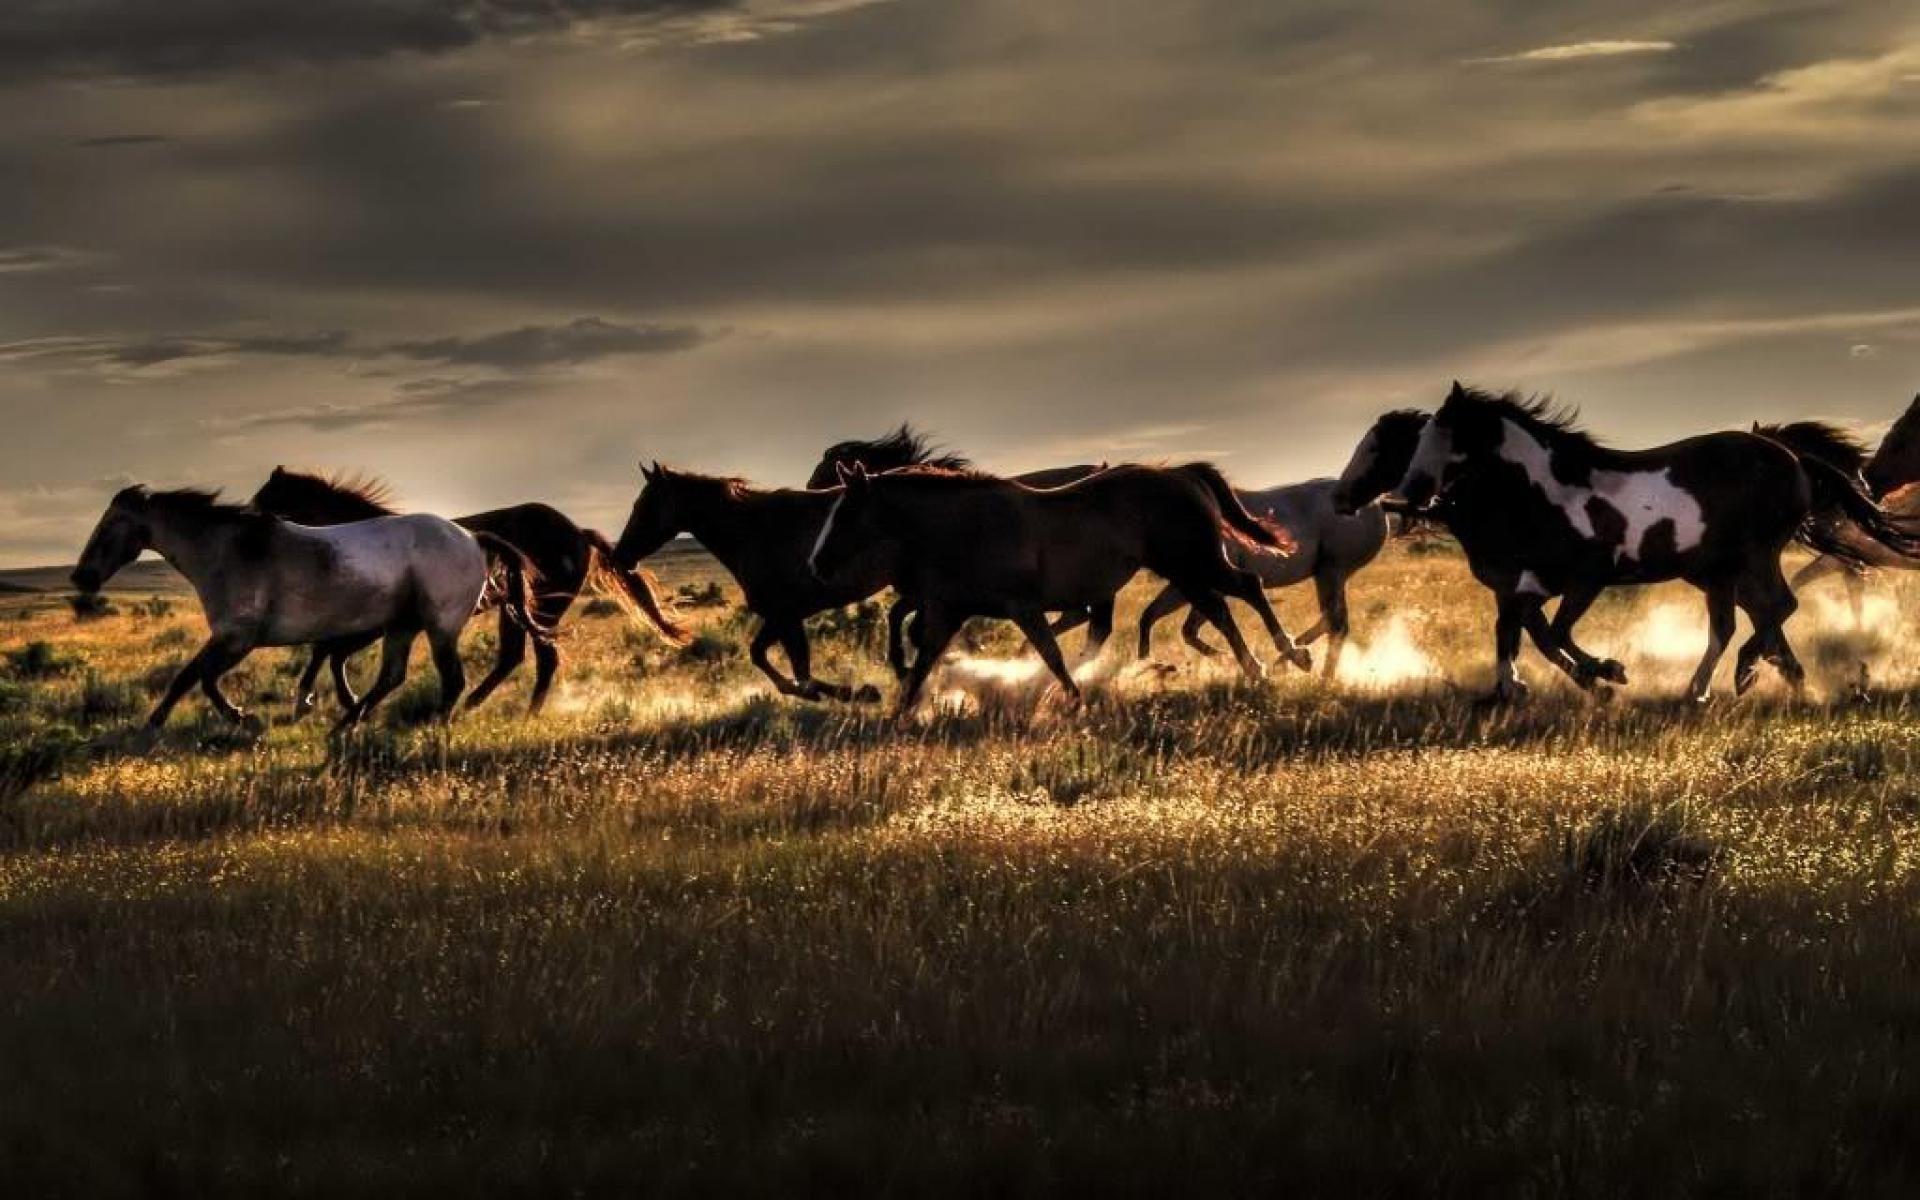 Wild Horse Desktop Wallpapers 70 Images